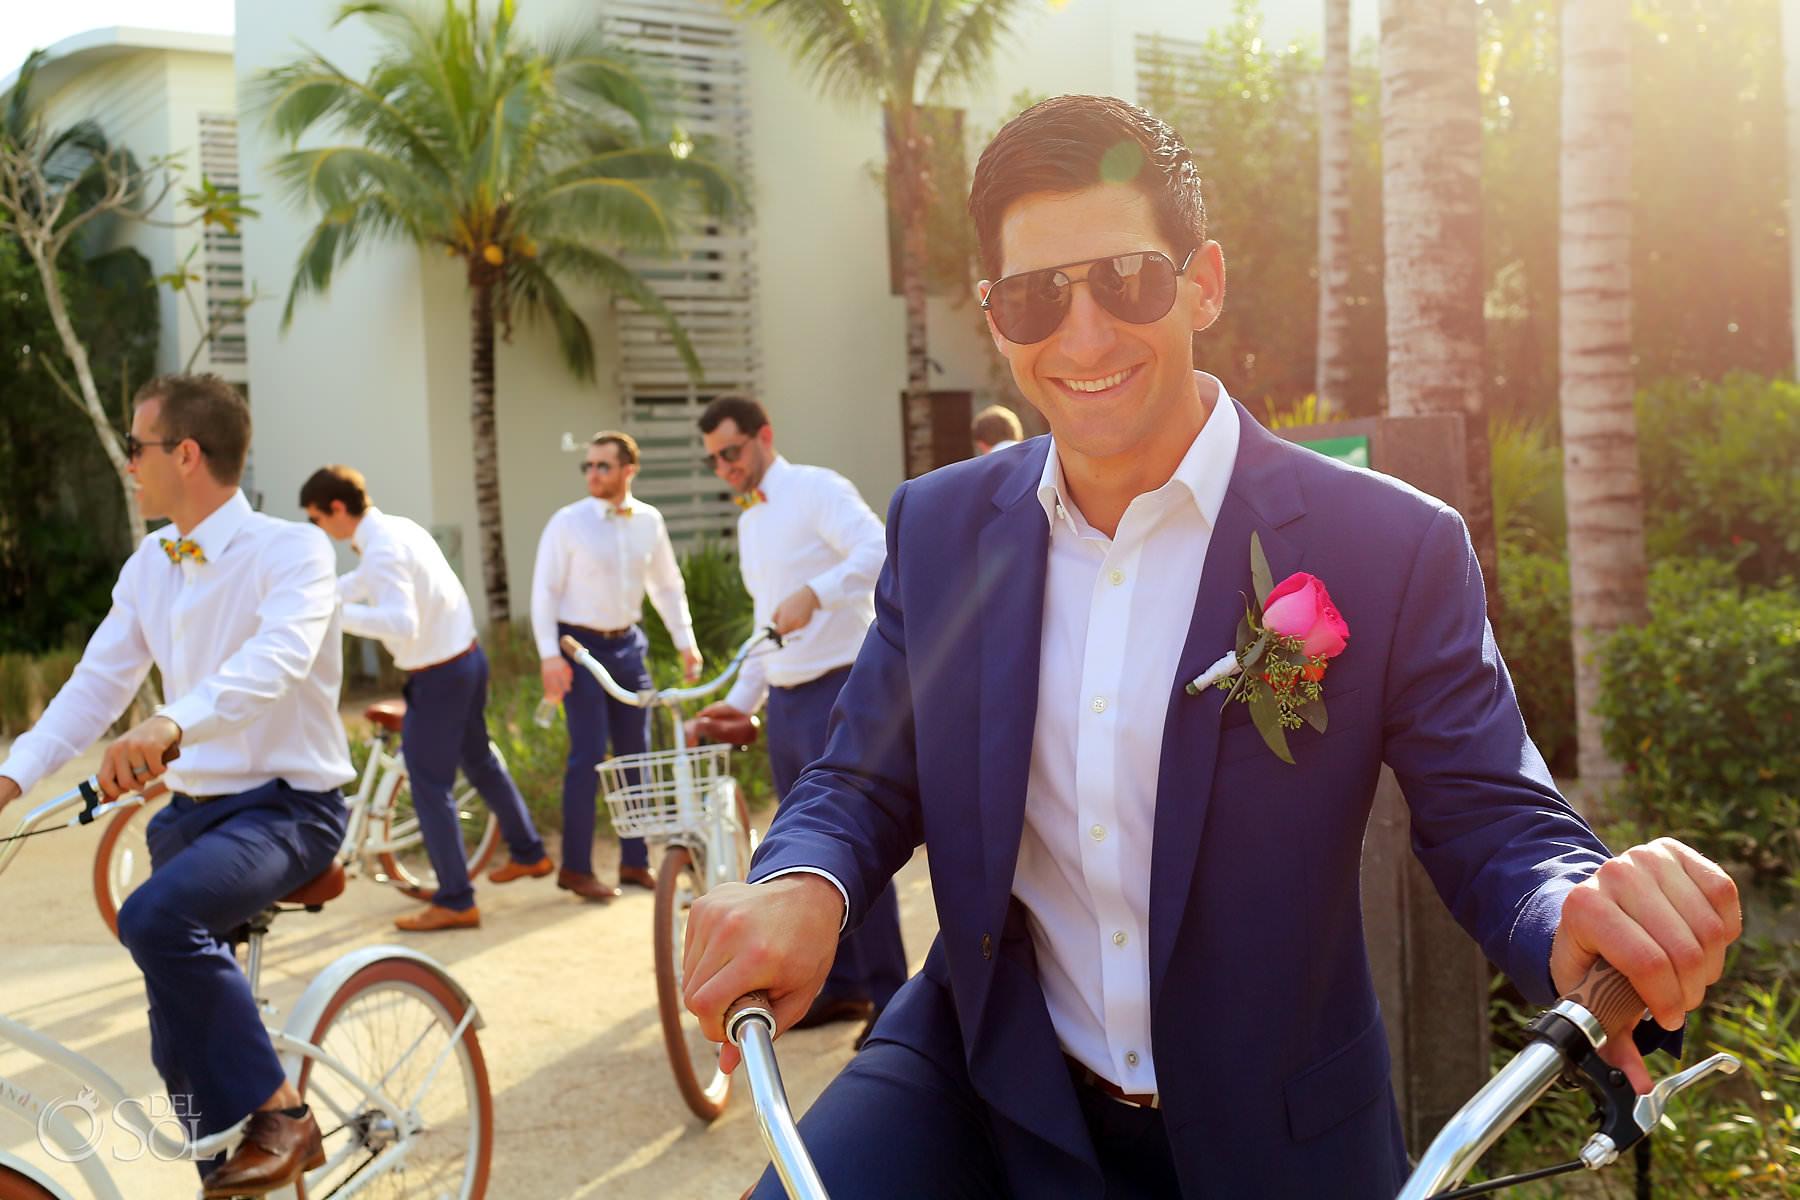 Andaz Mayakoba Wedding groom riding bike portrait